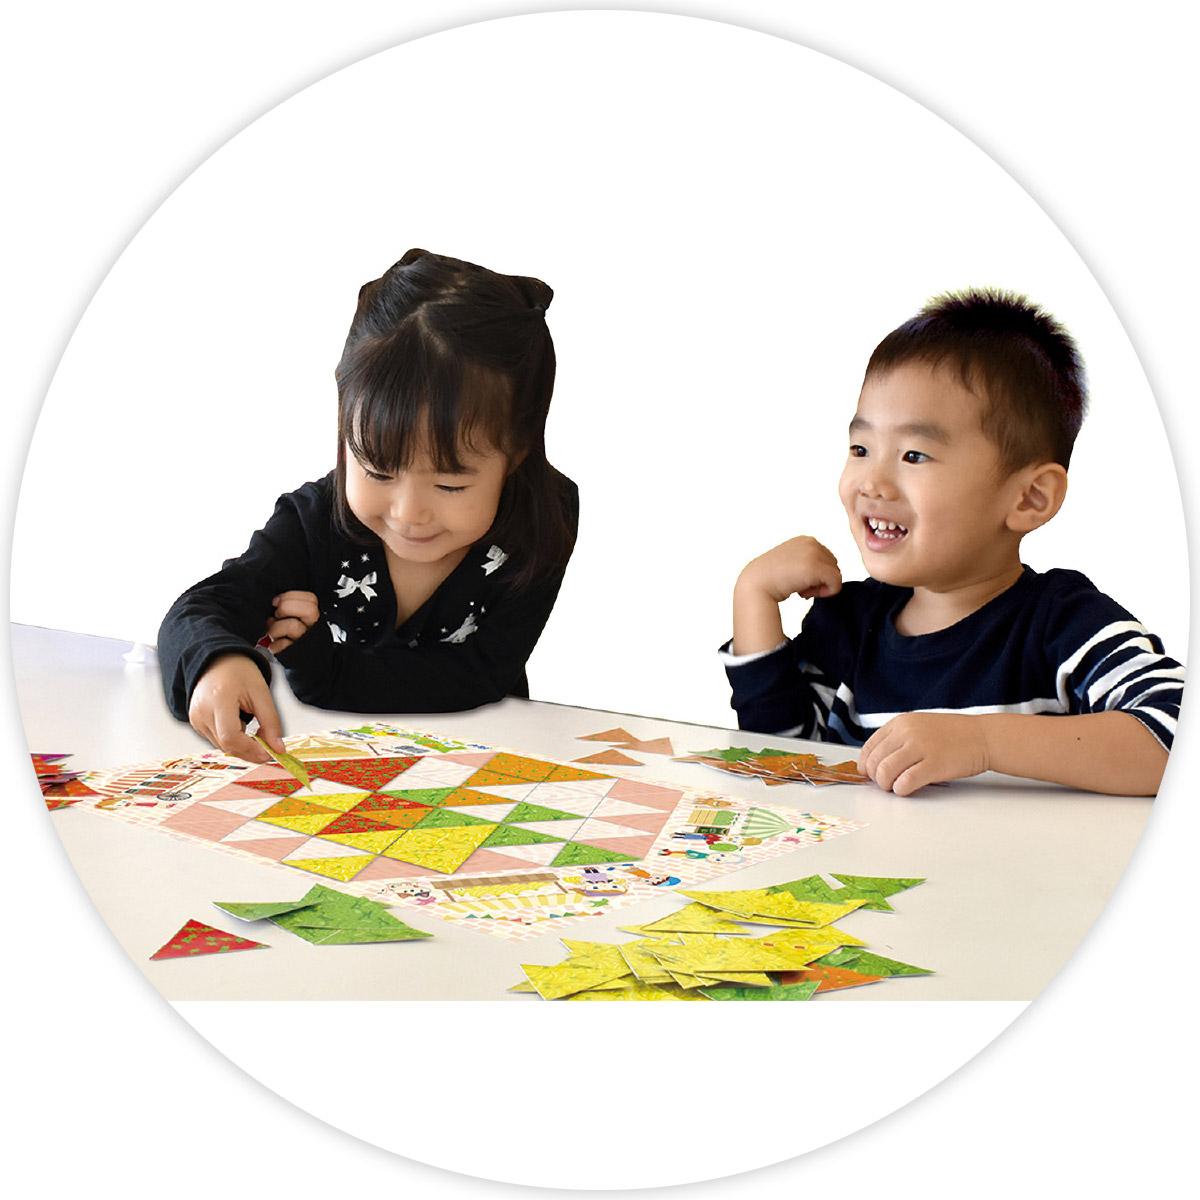 フルーツマーケット カードゲーム パズル 幼児 ゲーム フルーツタイル カードゲーム 小学生 知育 玩具 お受験 学習教材 クリスマスプレゼント